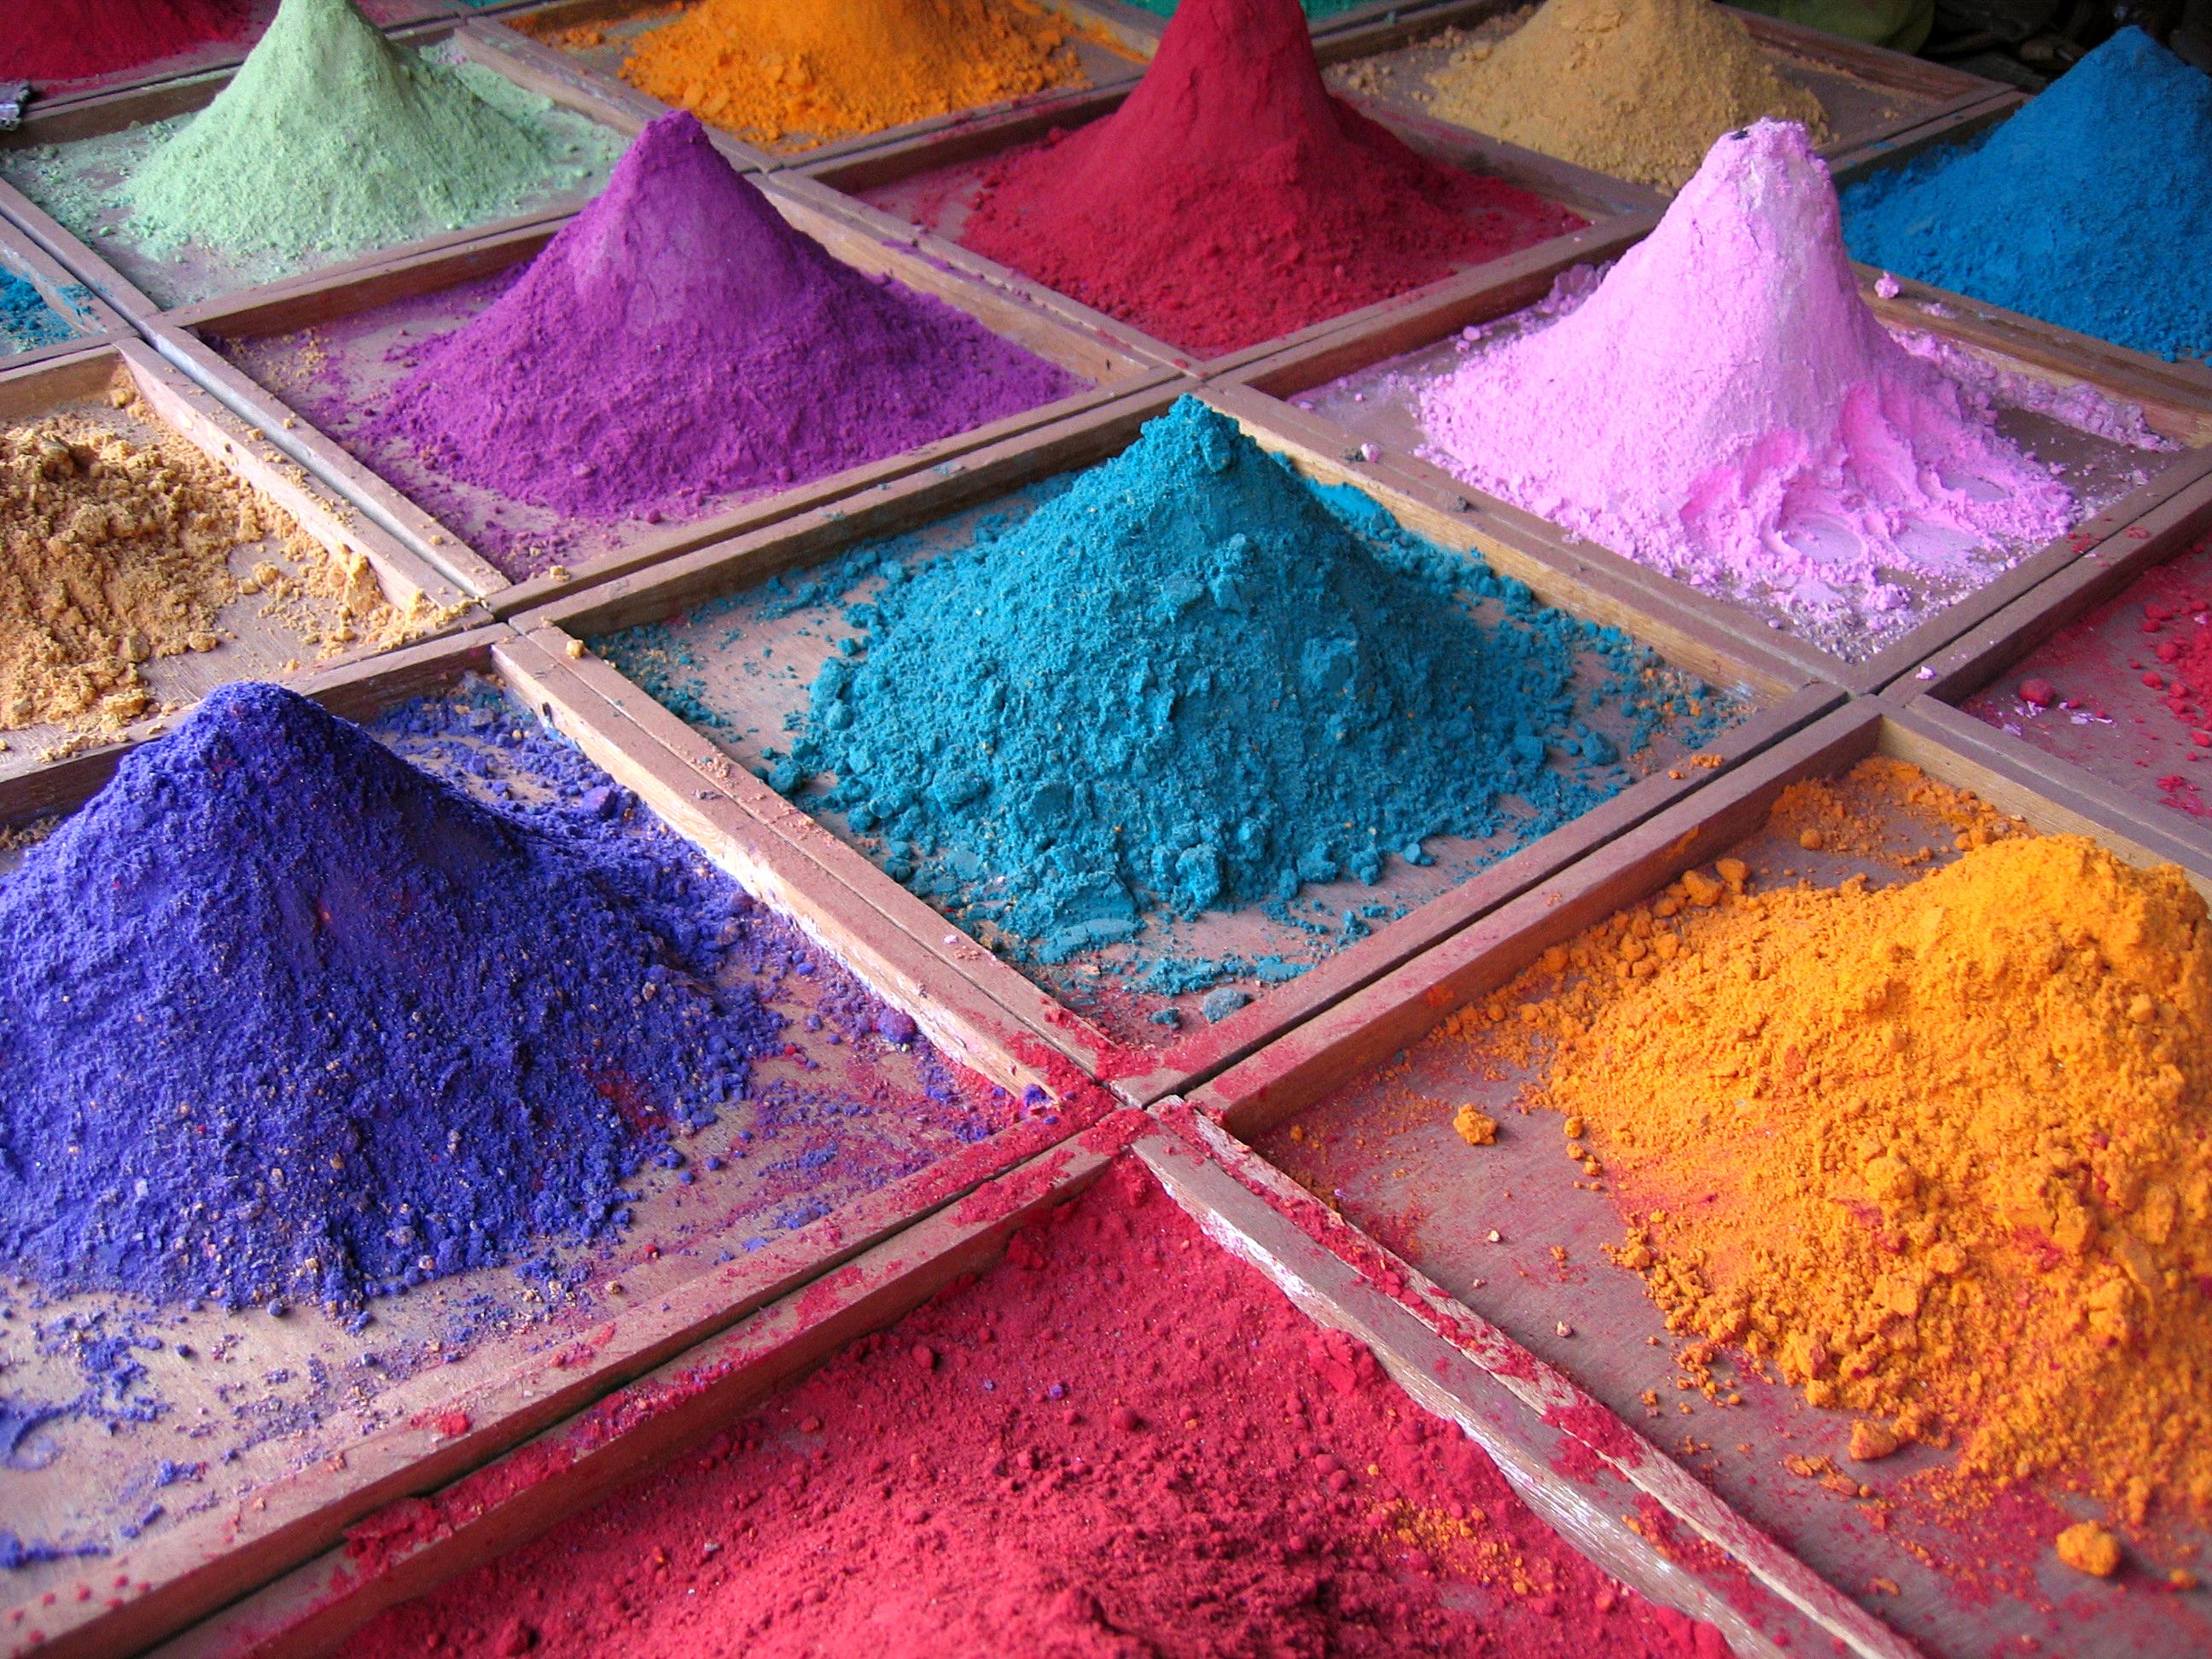 Production of paints